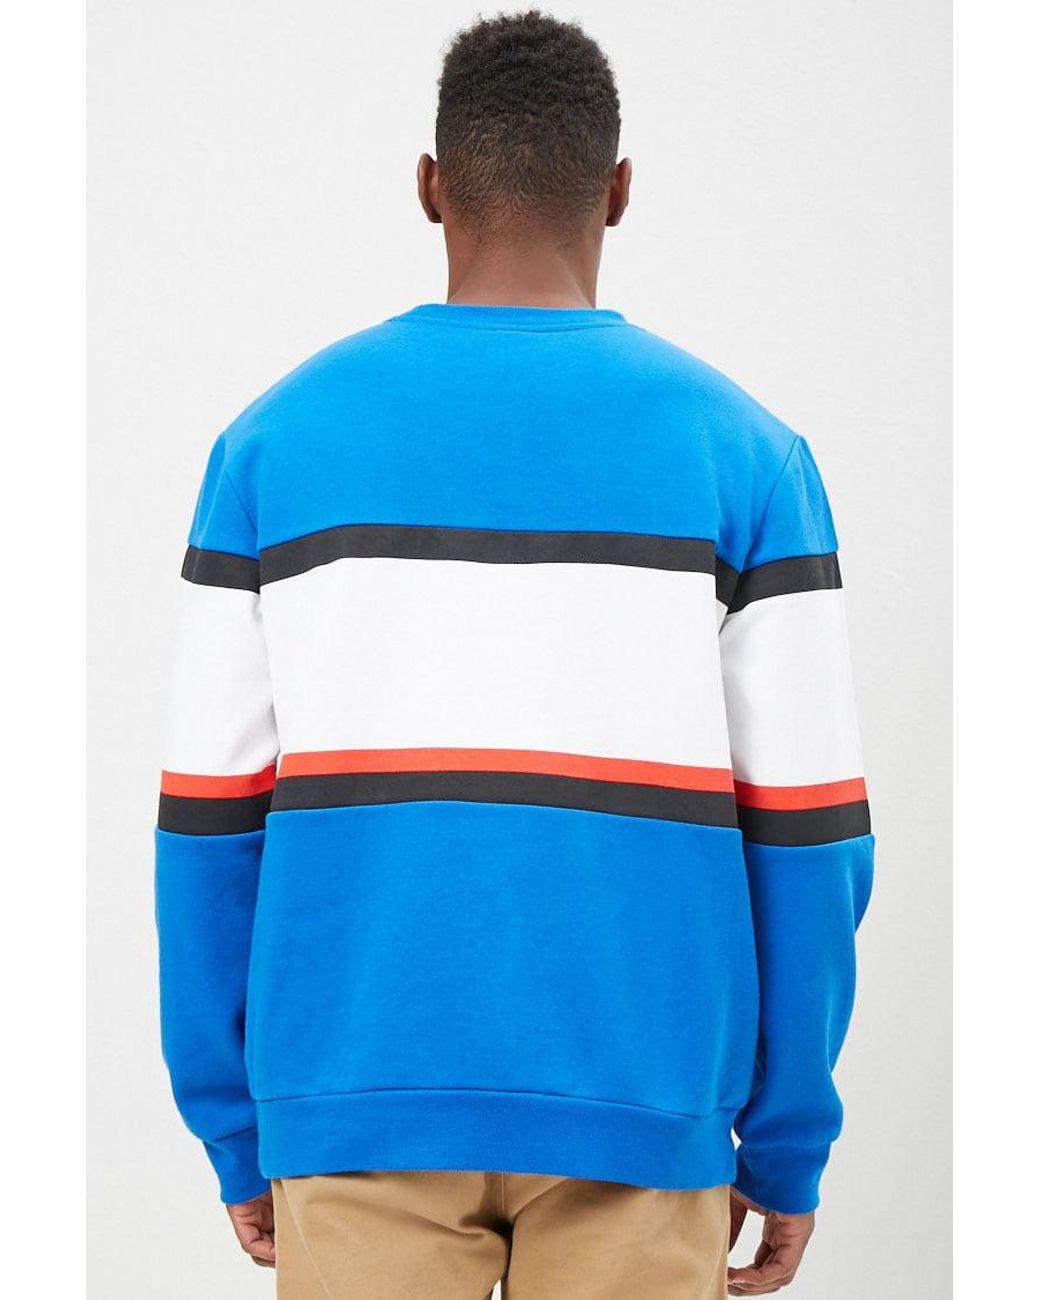 Forever 21 Fleece 's Pepsi Logo Colorblock Sweatshirt in